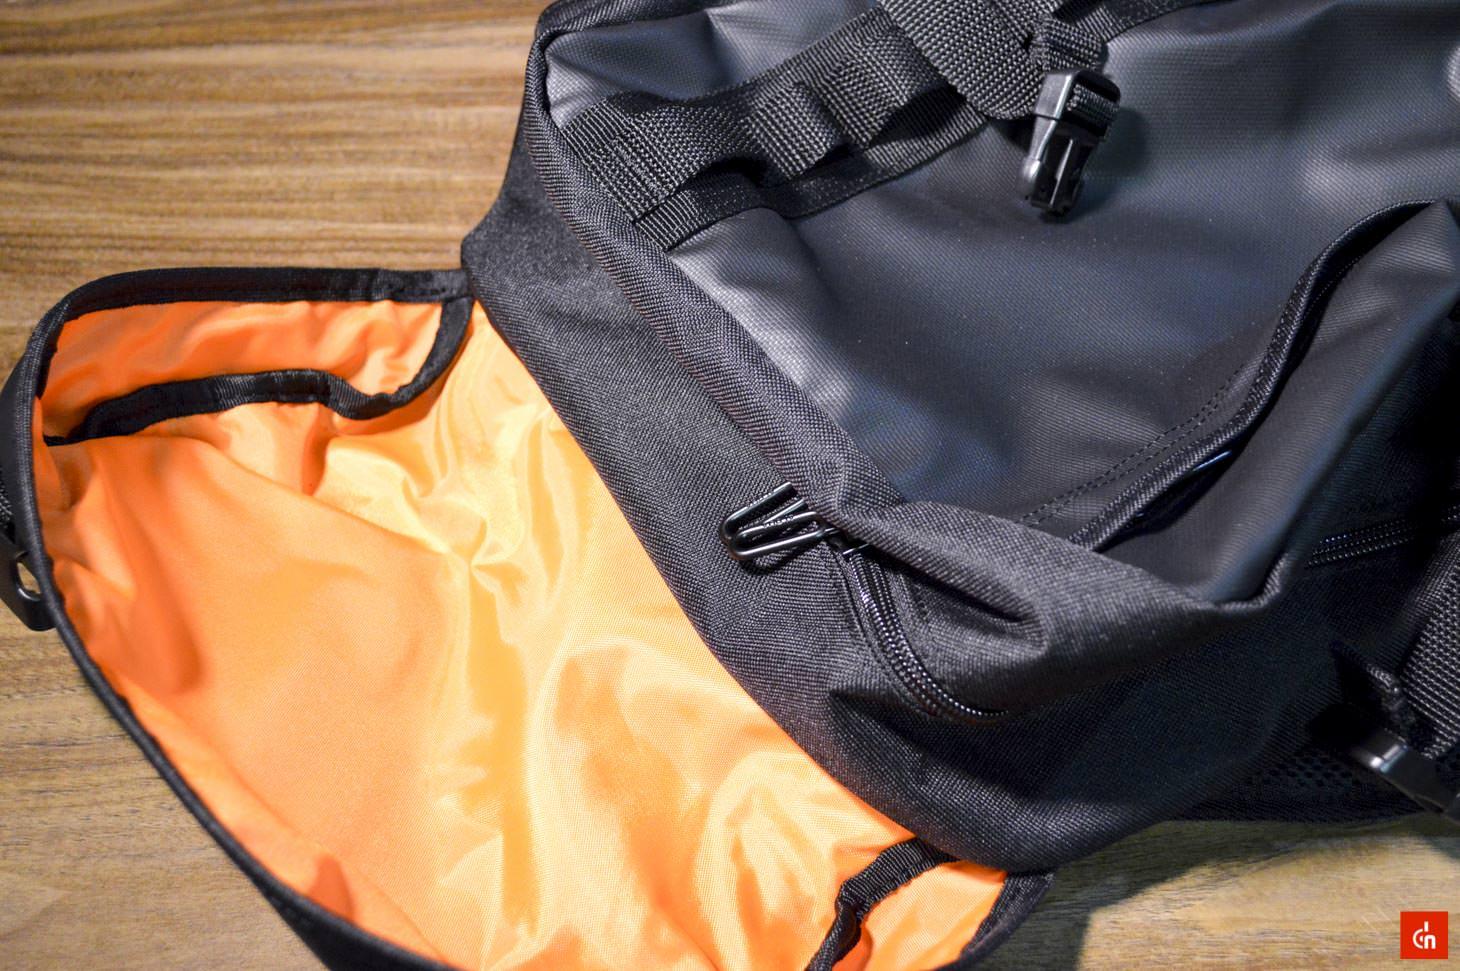 048_20160707_sanwa-square-bag